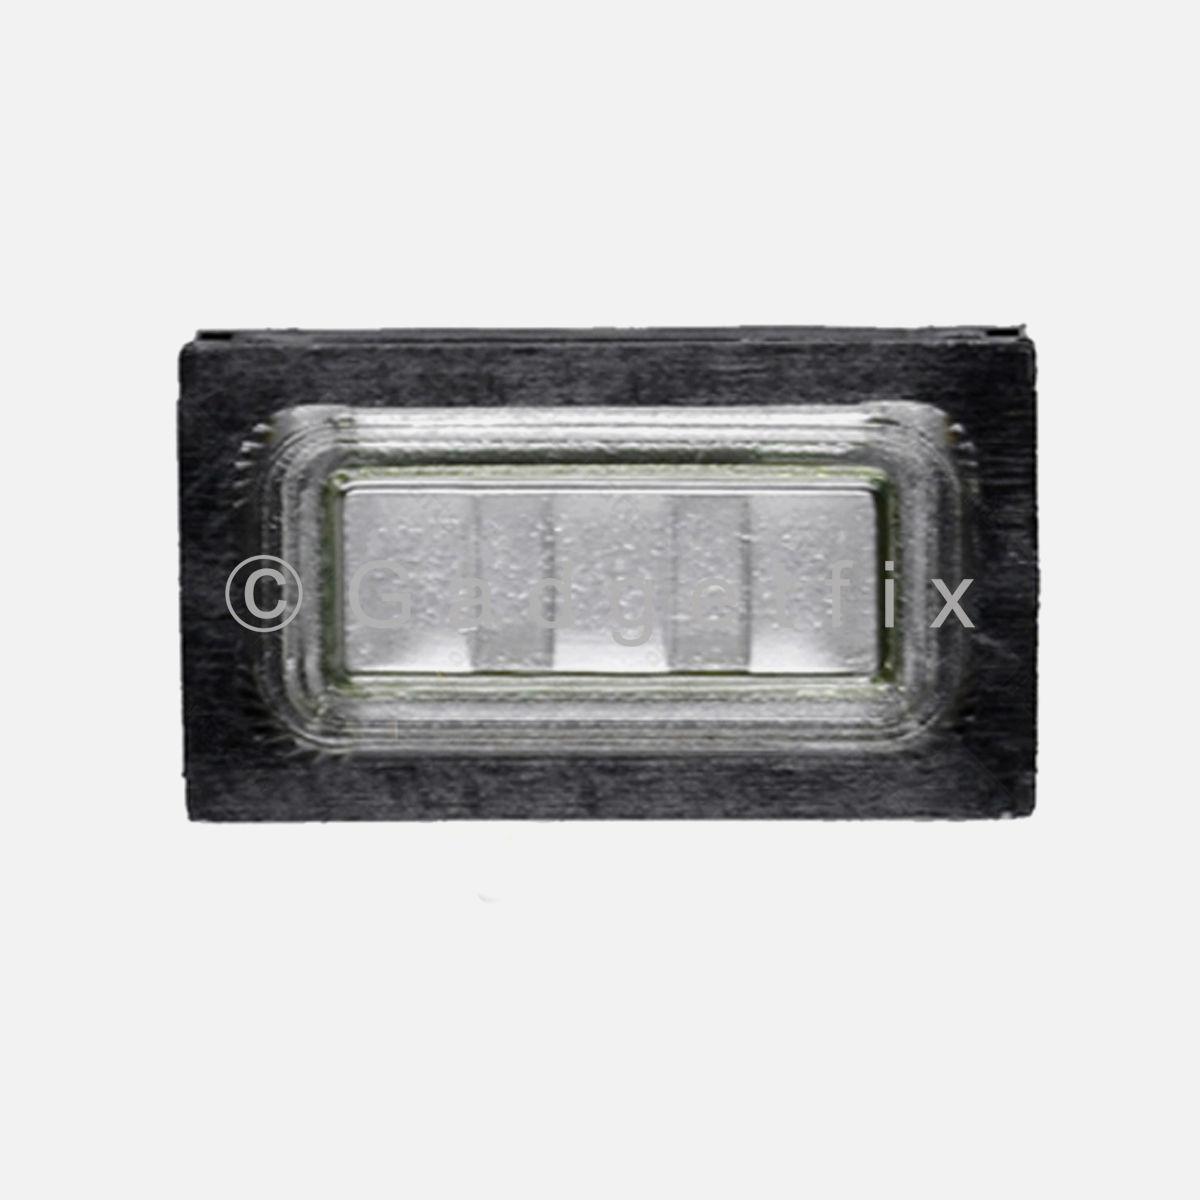 USA Sony Xperia Z5 Premium E6833 E6853 E6883 Z5 Compact E5803 Loudspeaker Ringer